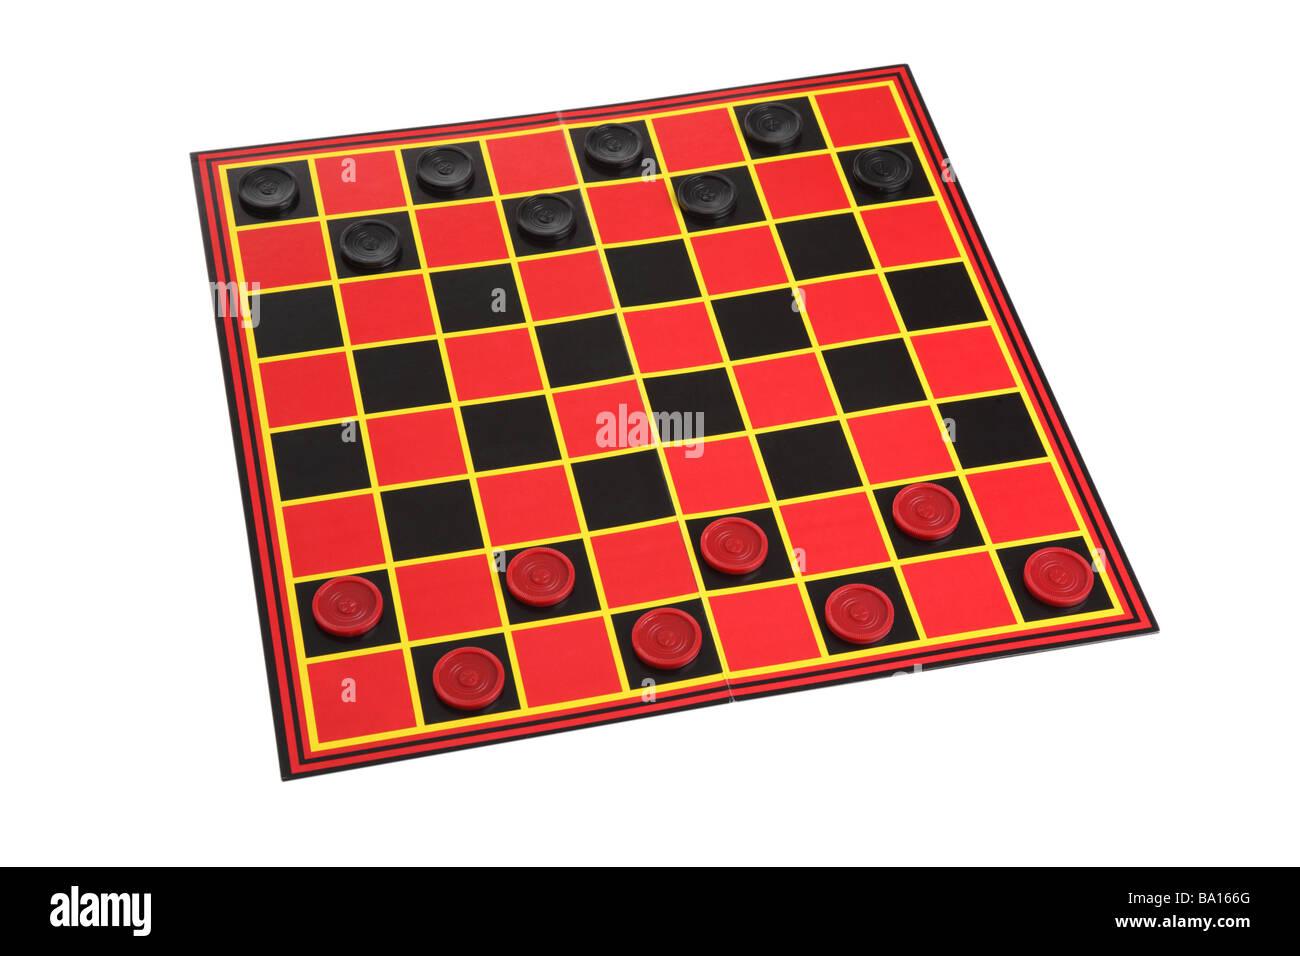 Tablero de juego de damas recorte sobre fondo blanco. Foto de stock